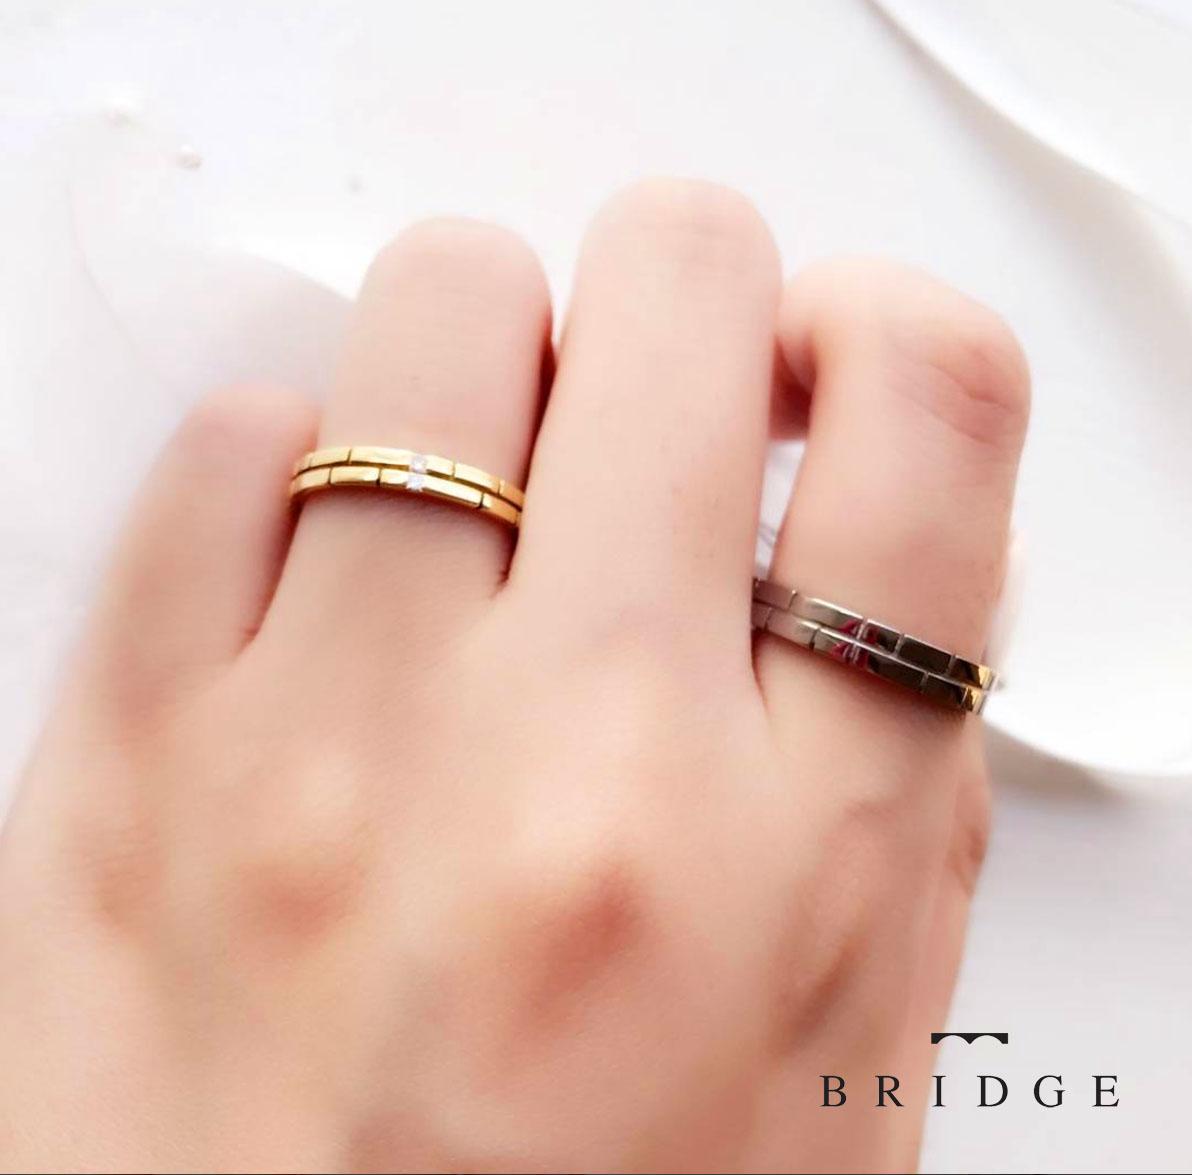 節高・がっちりした指にもよく似合う可愛い結婚指輪